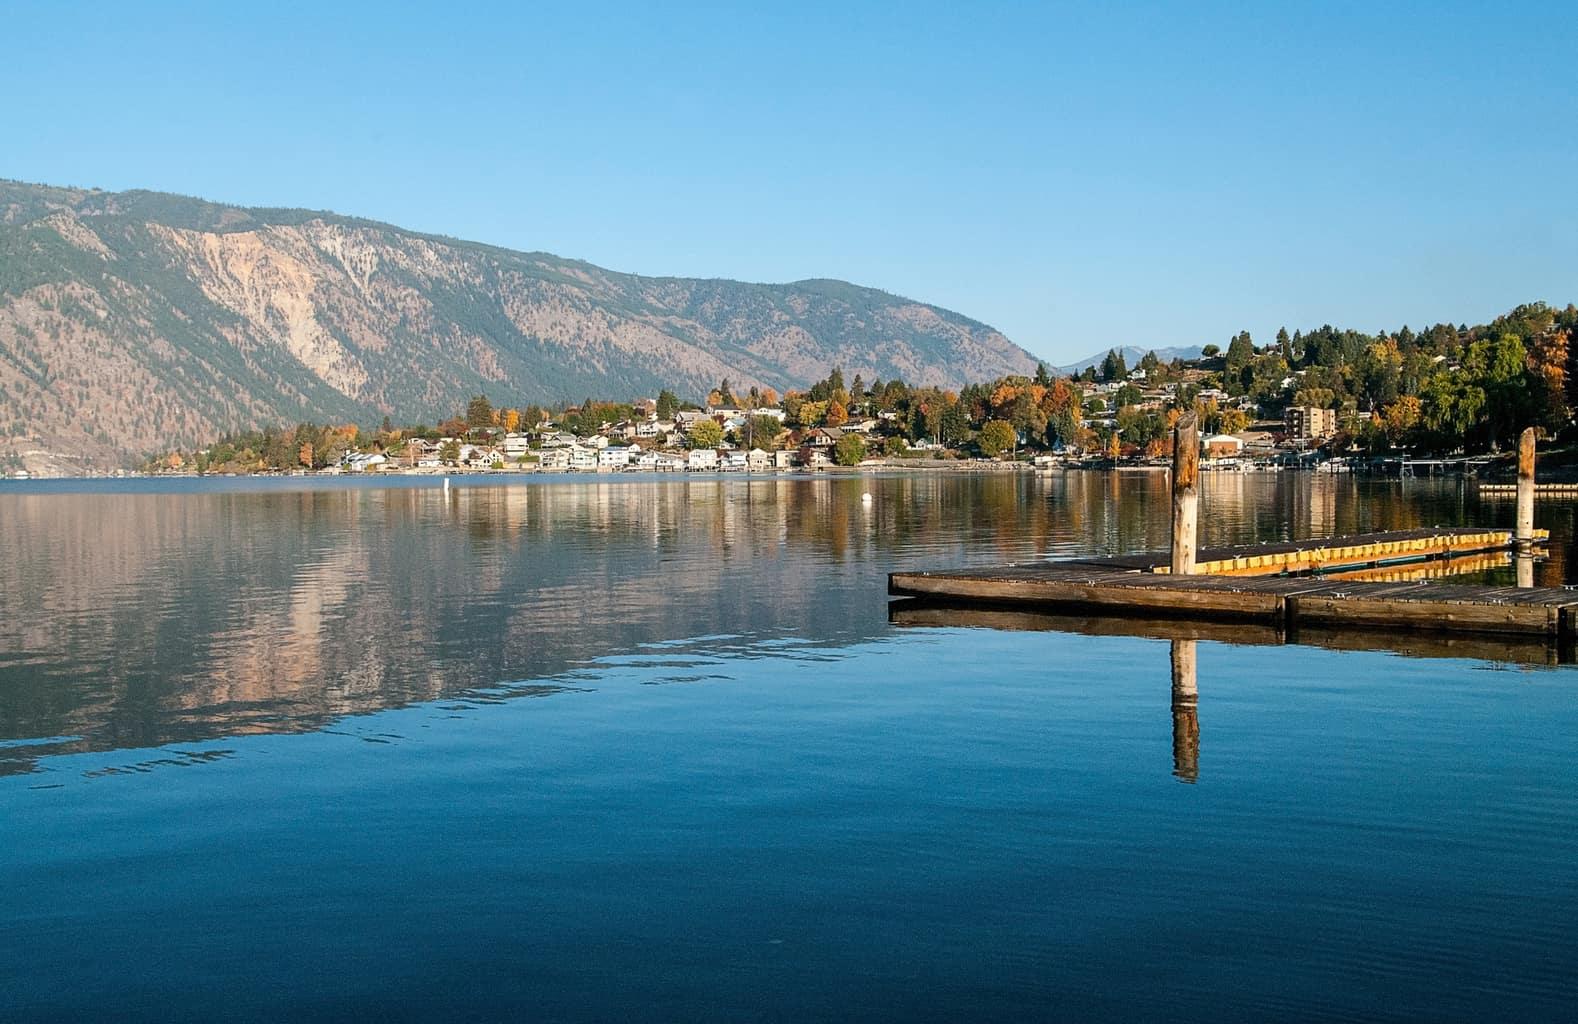 docks at lake chelan